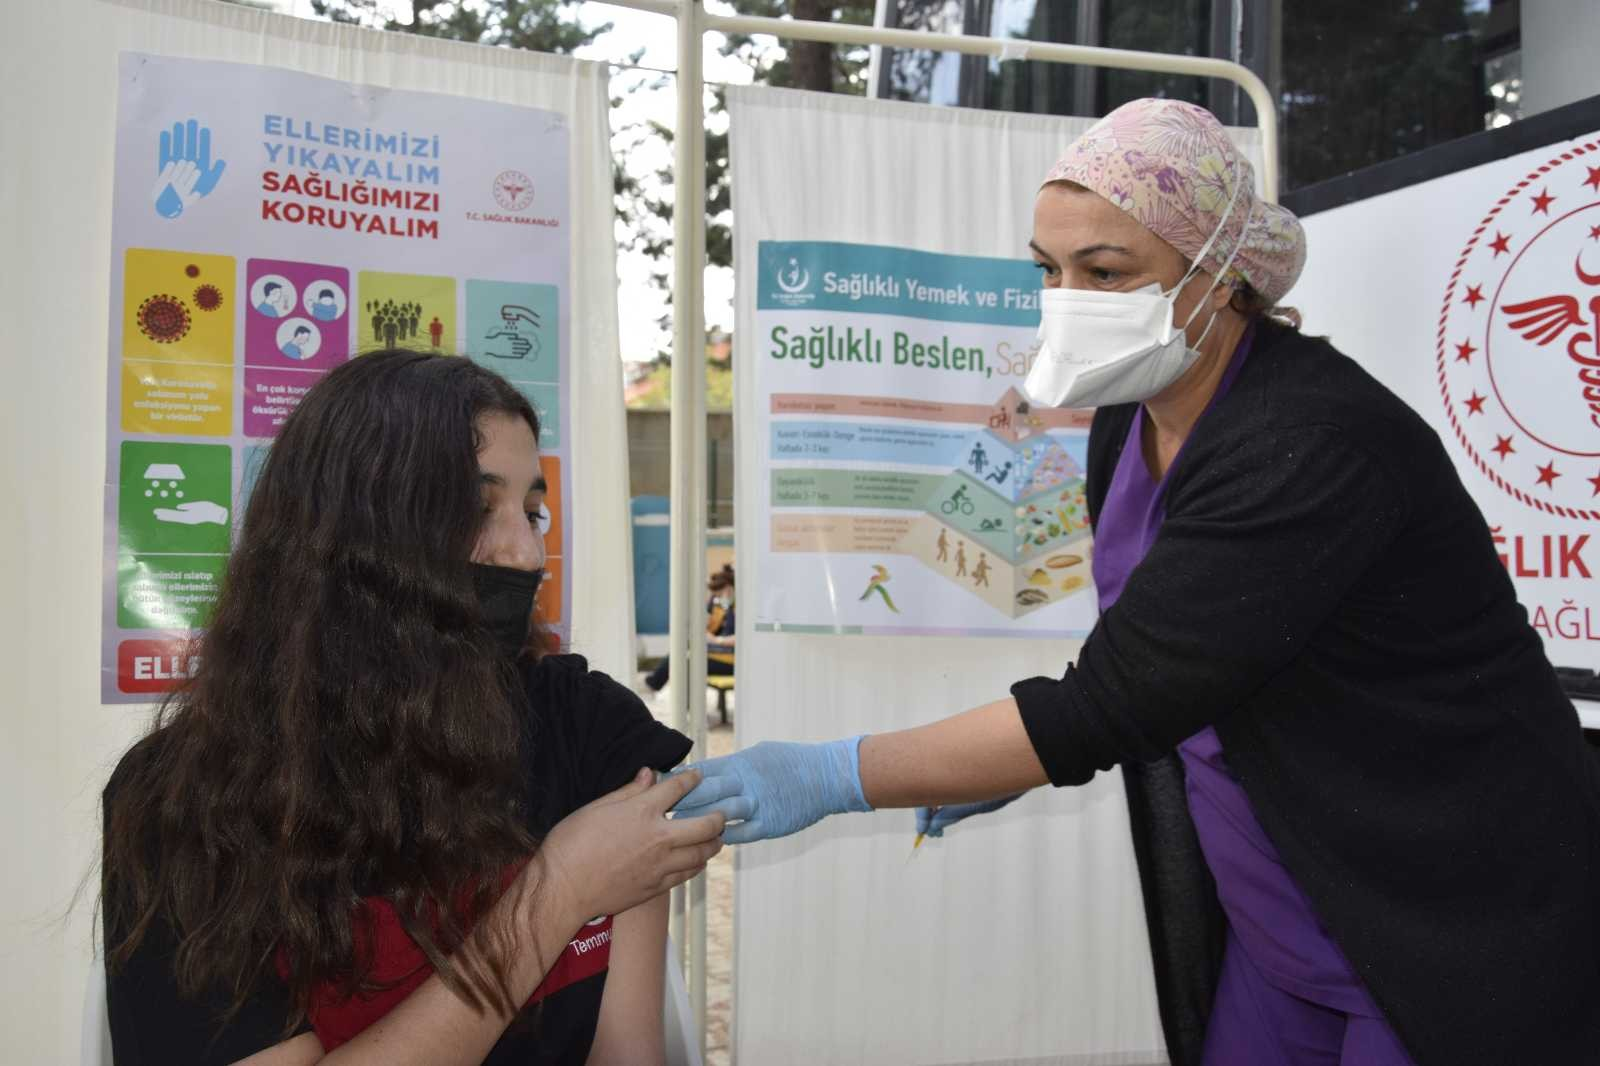 Burdur'da 'Okulumu seviyorum, aşımı oluyorum' kampanyası #burdur